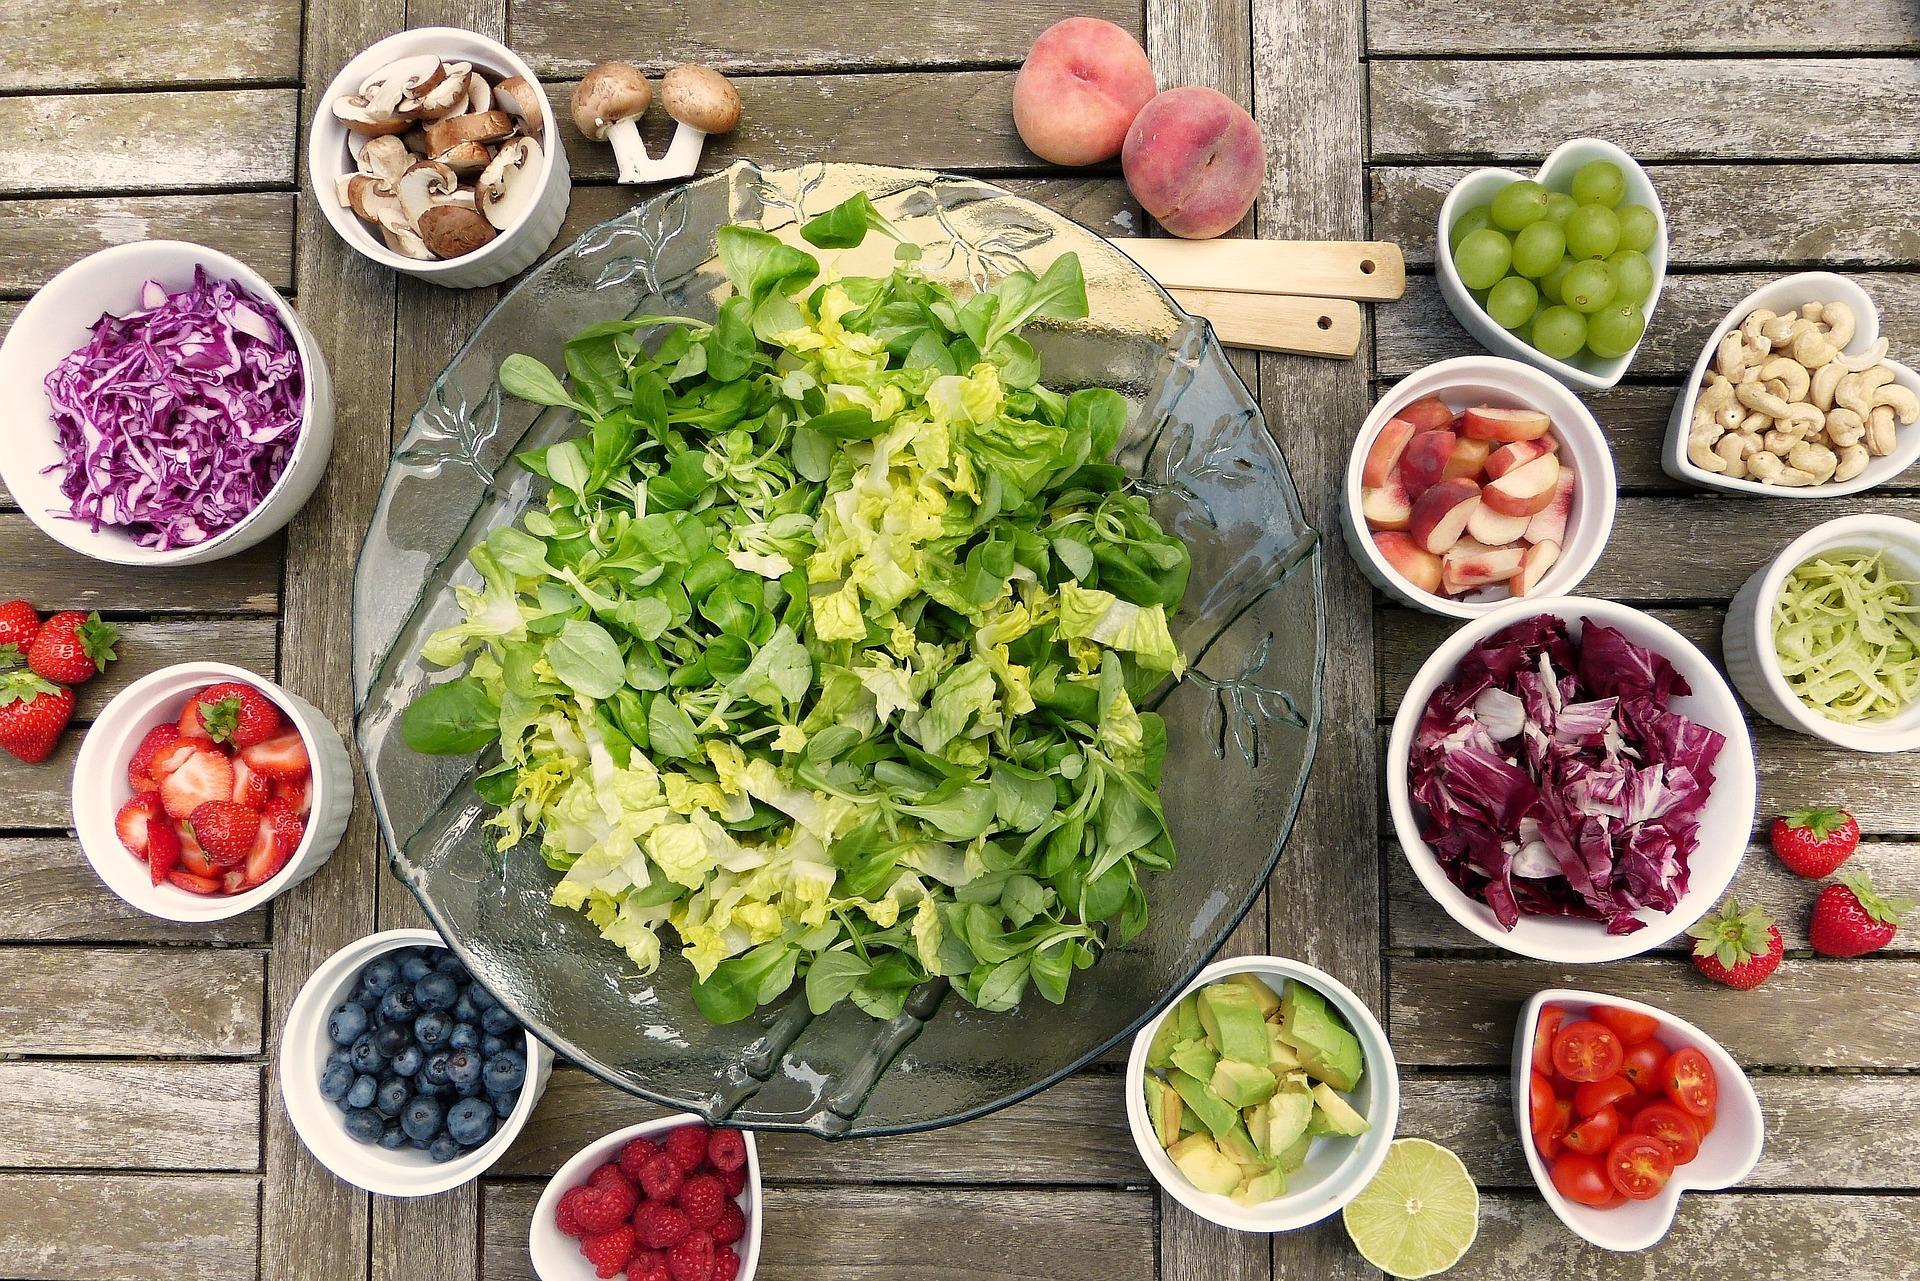 Regionales und saisonales Obst und Gemüse